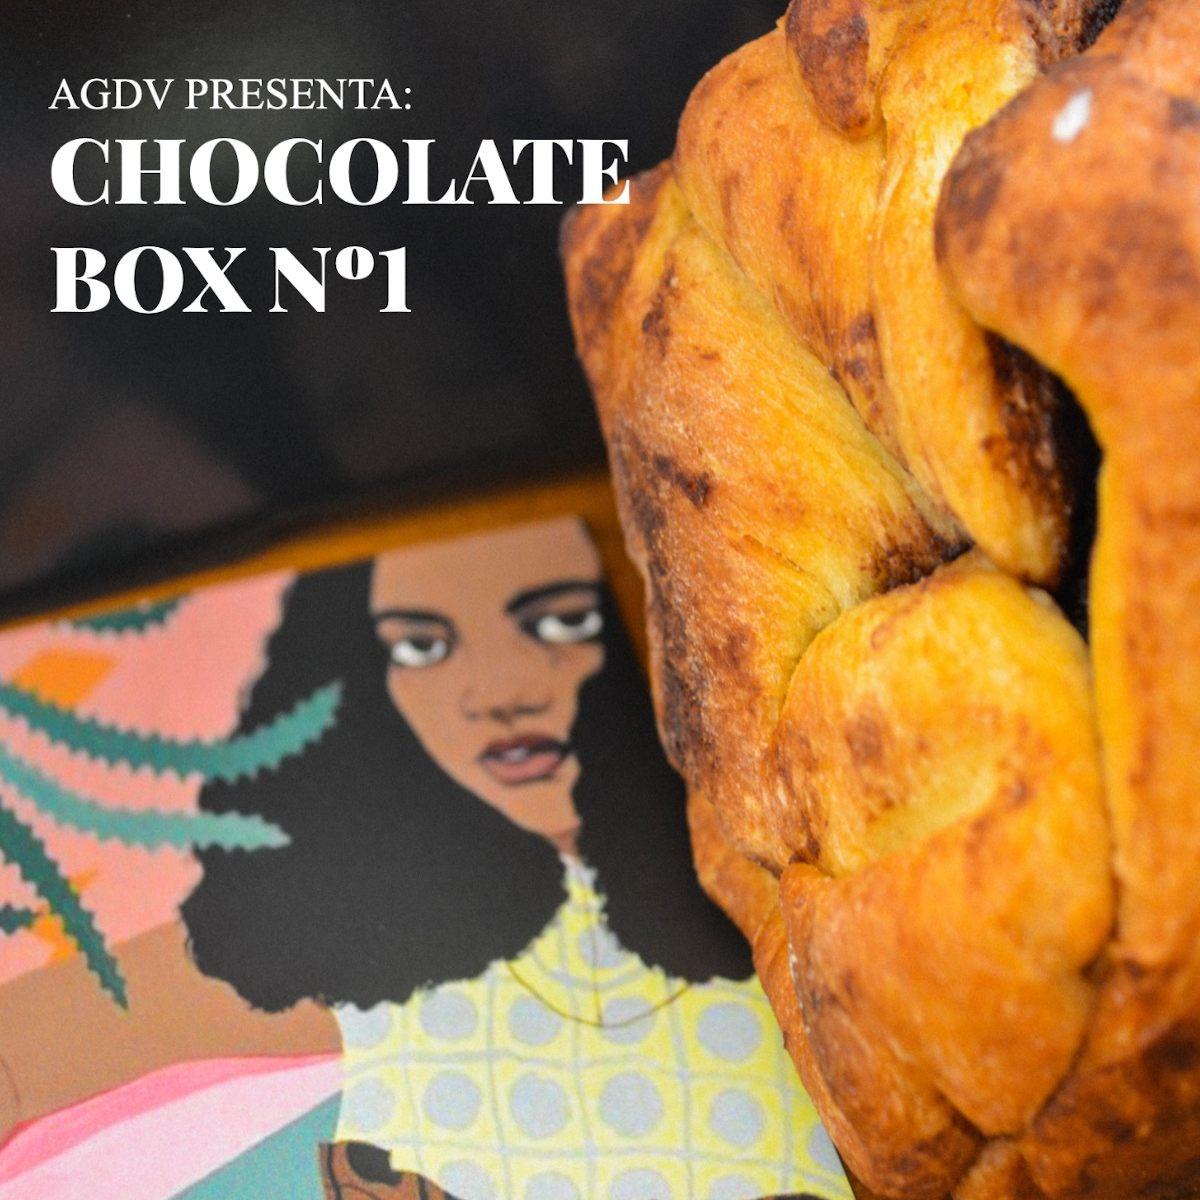 Chocolate Box 1